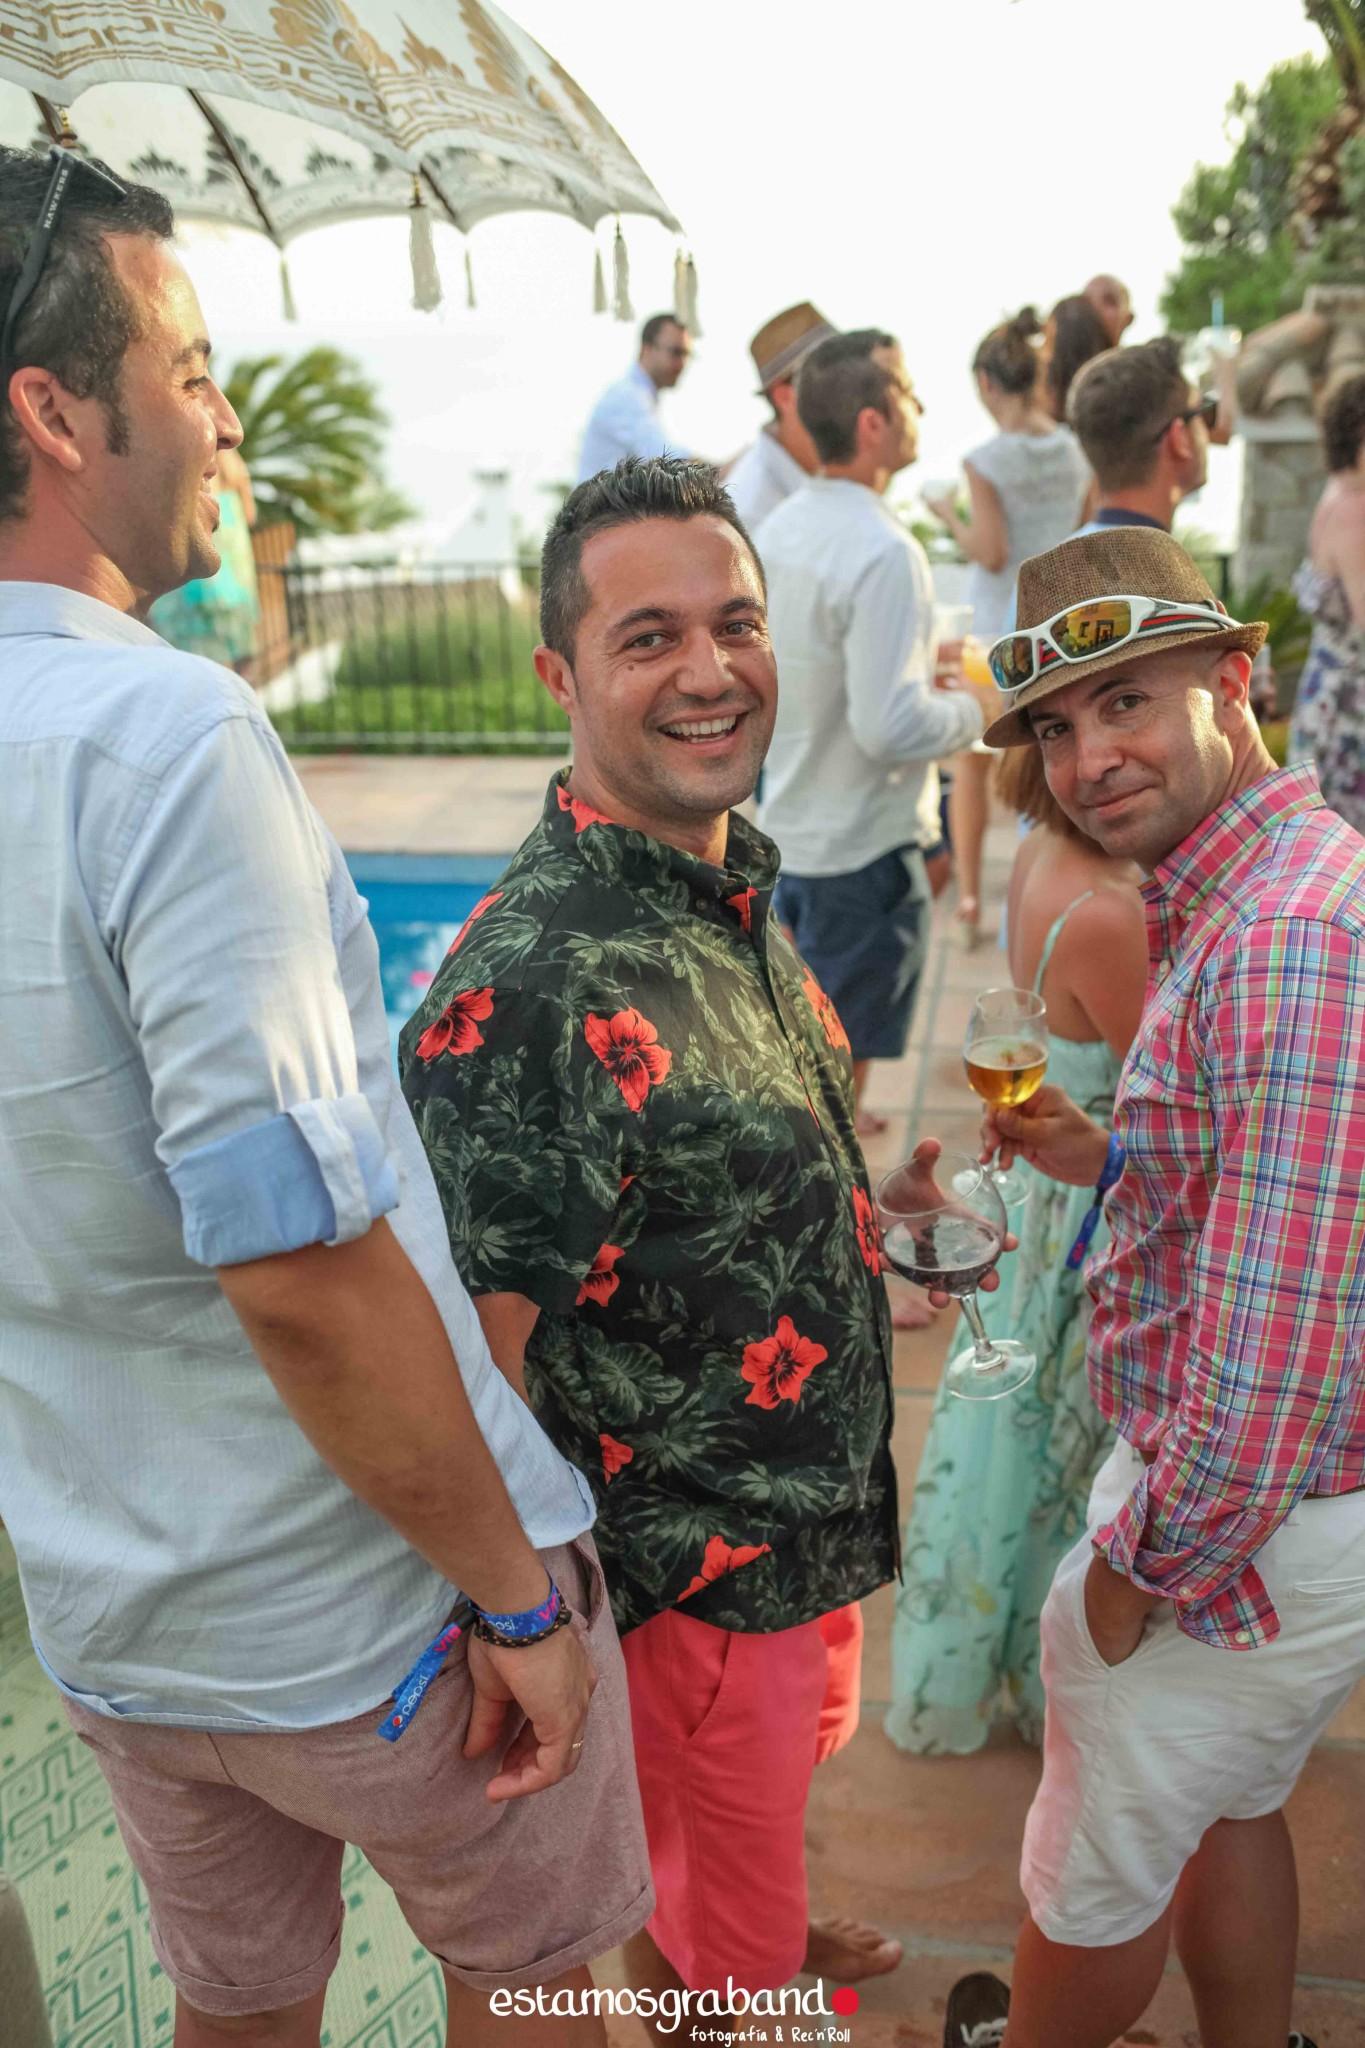 Alba-y-Jose-BTTW-54 Los invitados de Alba & Jose [Back to the wedding_Atlanterra, Zahara de los Atunes] - video boda cadiz